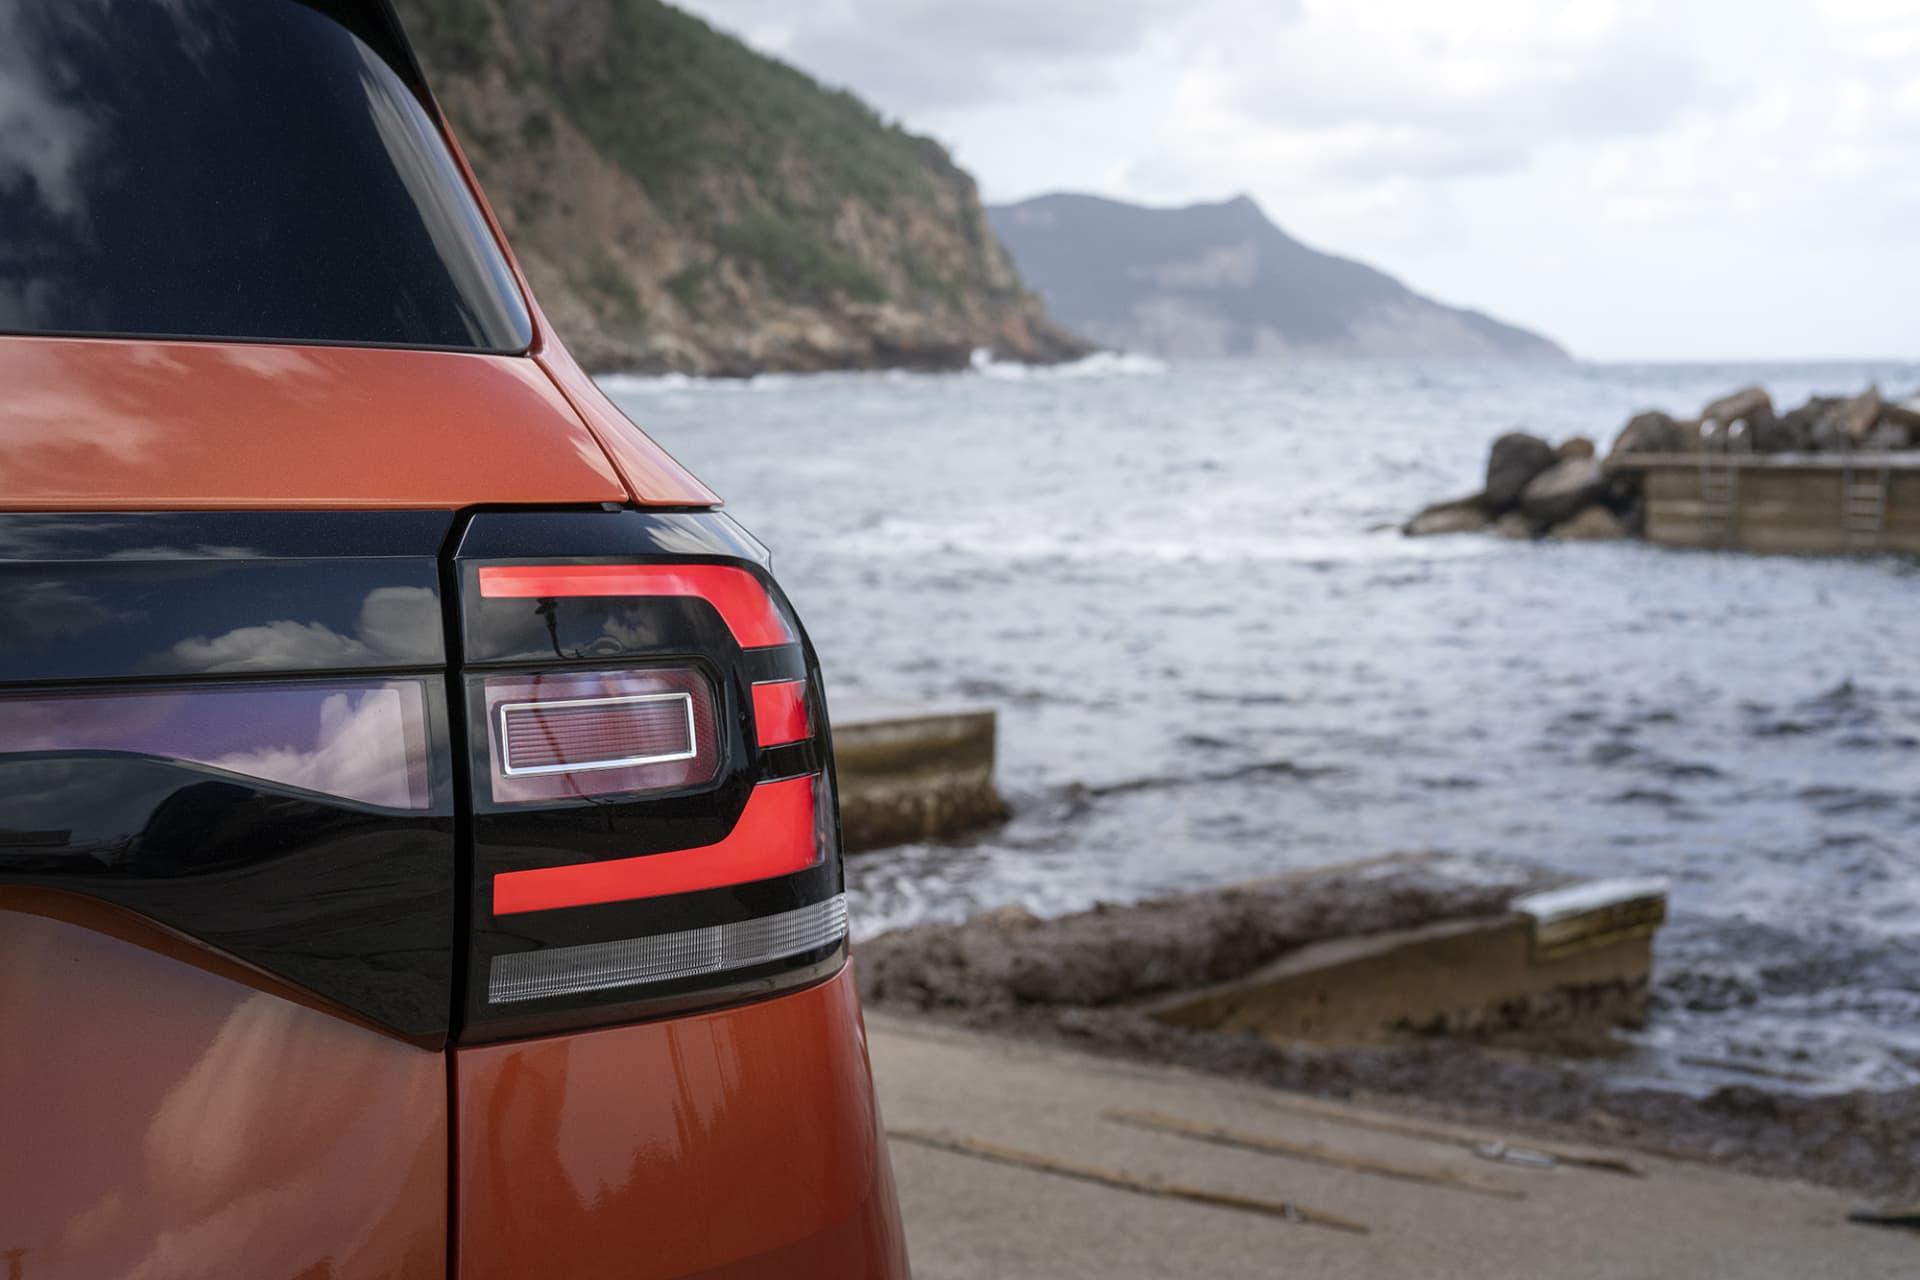 Volkswagen och dom andra bilmärkena jobbar stenhårt med att sina modeller ska ha en egen identitet som ska vara lätt att känna igen när man ser bilen på vägen. Något som görs med lyktorna fram och bak.